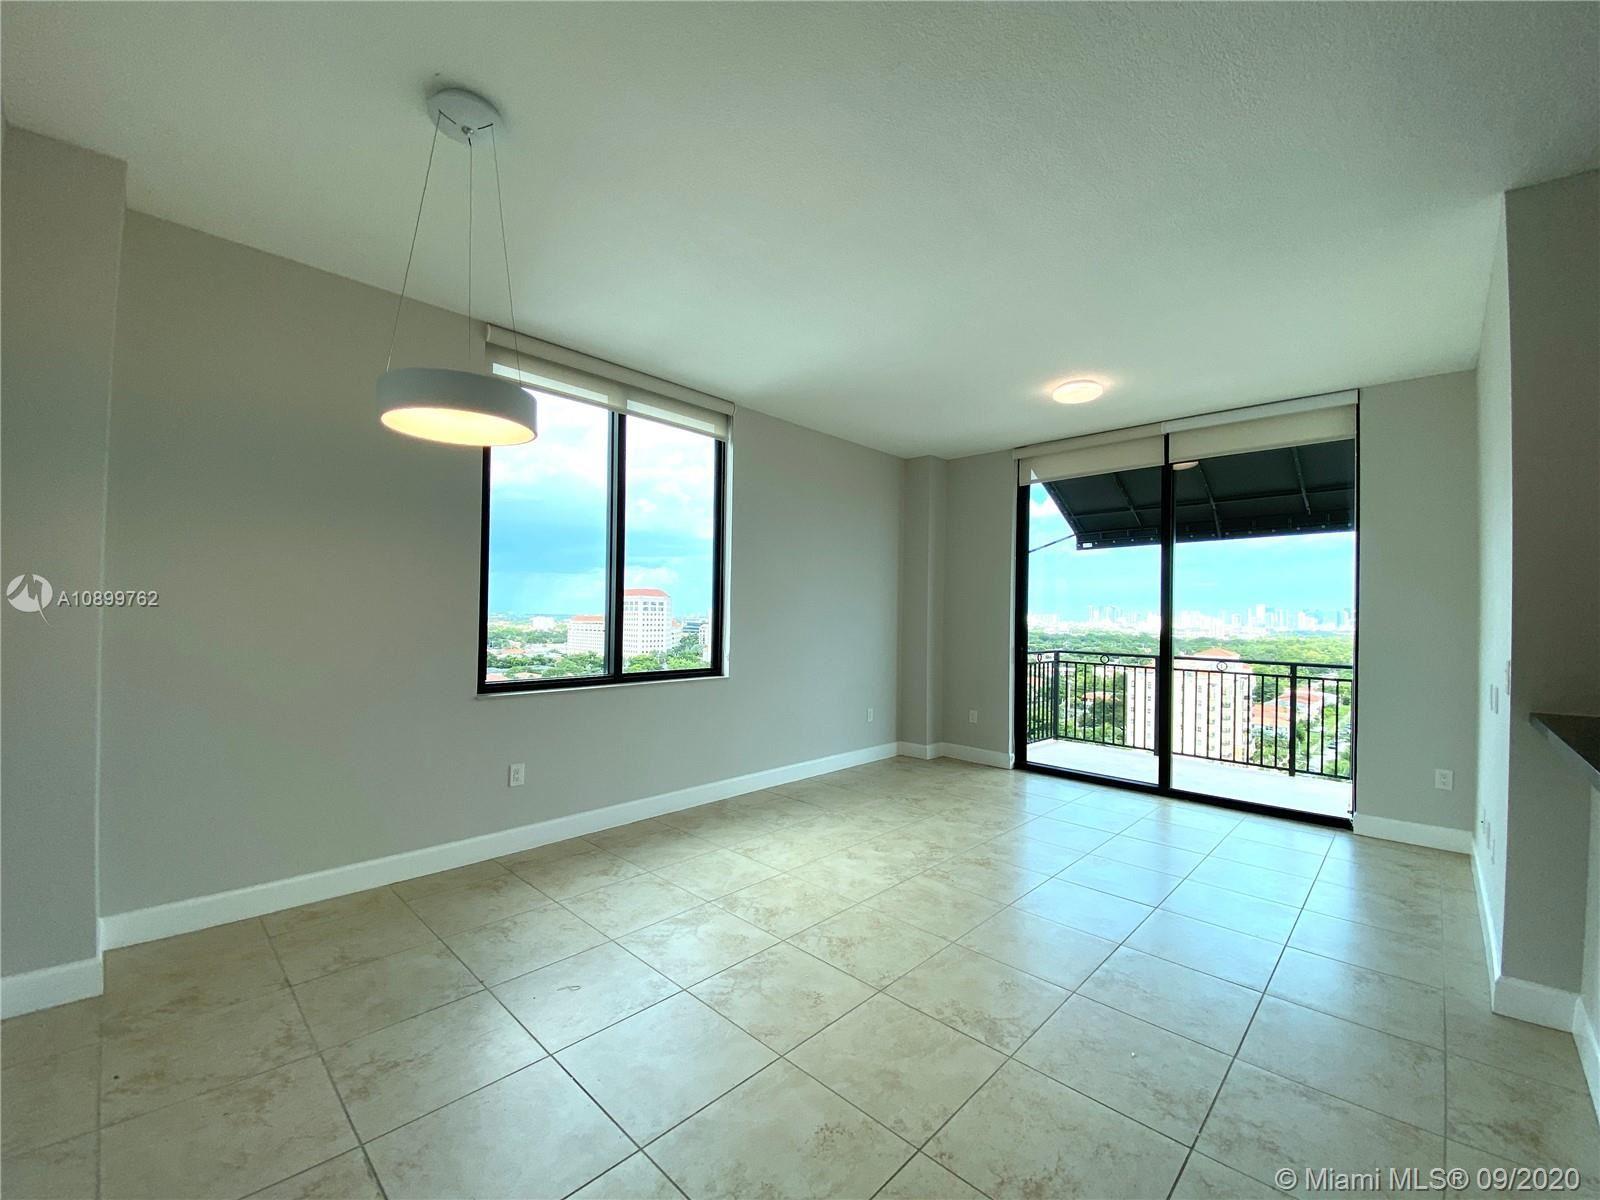 1300 Ponce De Leon Blvd #1203, Coral Gables, FL 33134 - #: A10899762